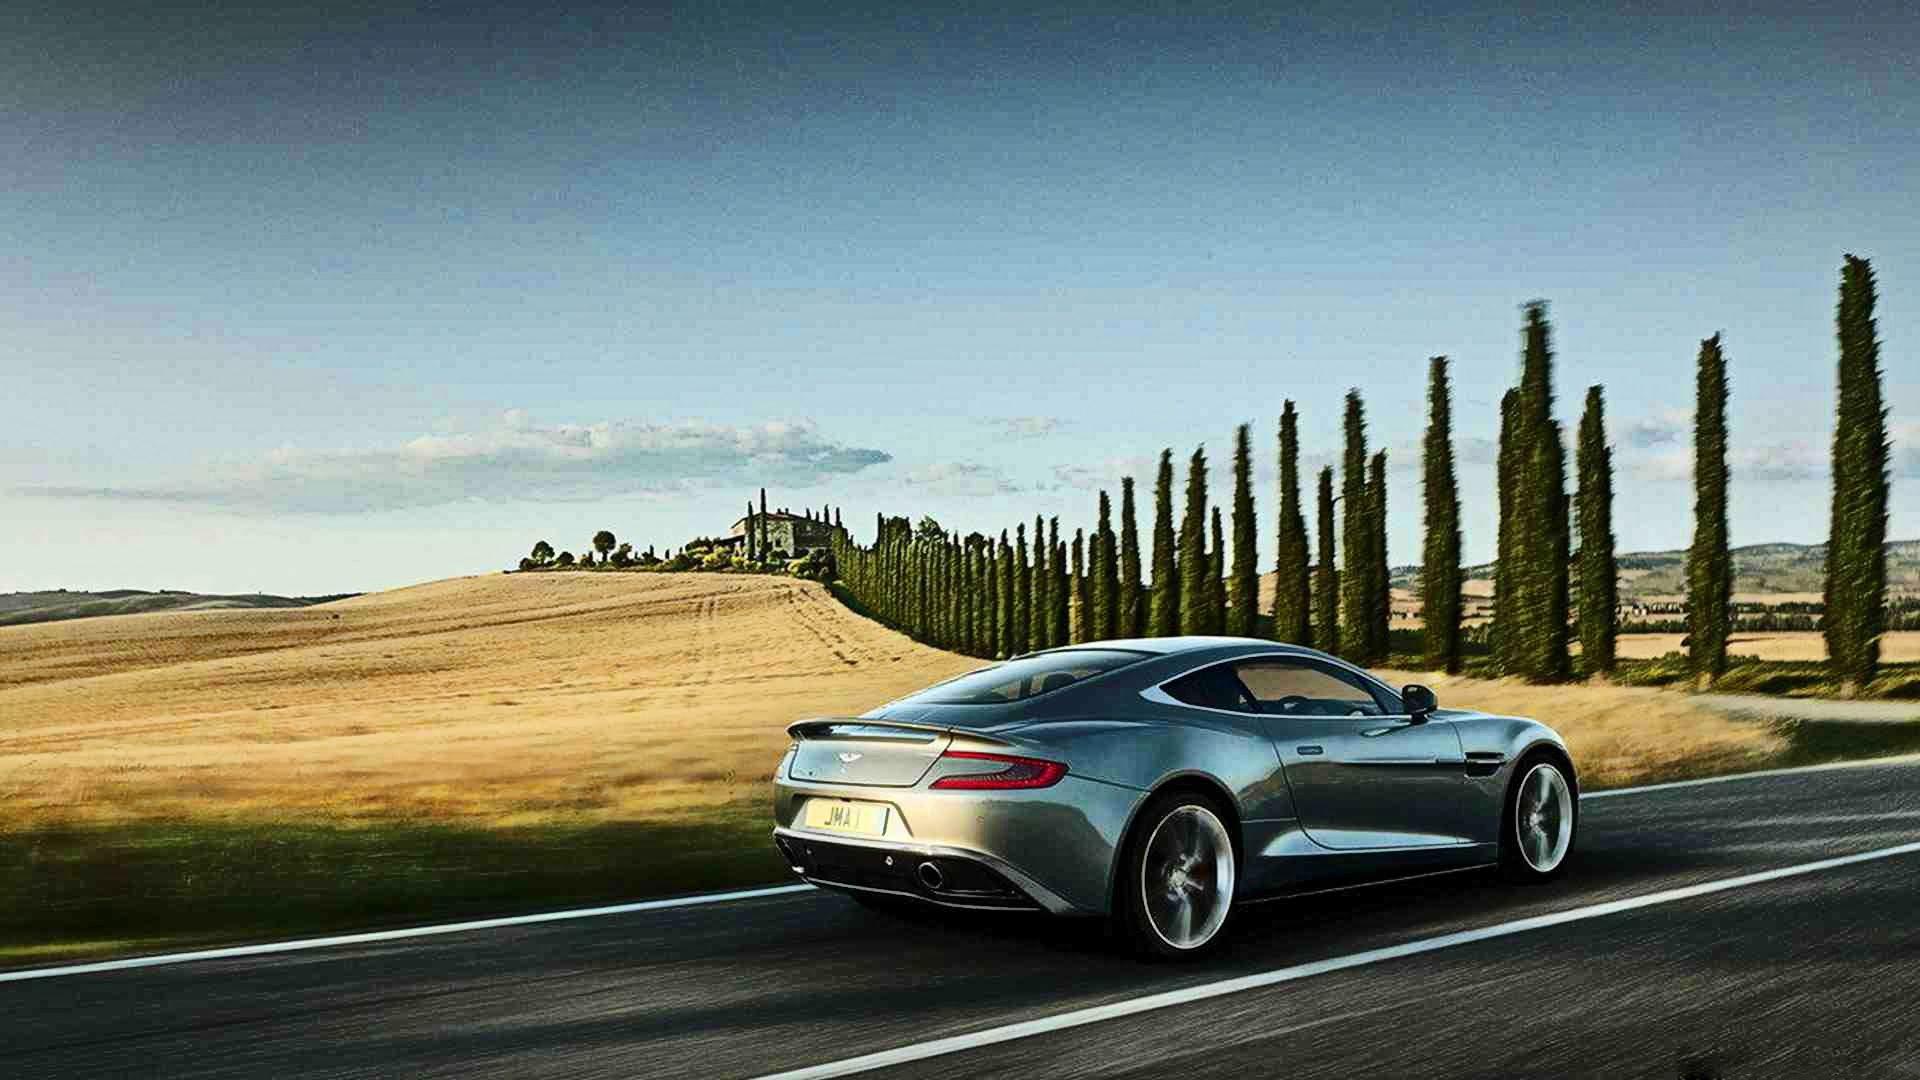 Aston Martin Wallpaper 32 Hintergrundbilder Aston Martin Vanquish Aston Martin Aston Martin Cars